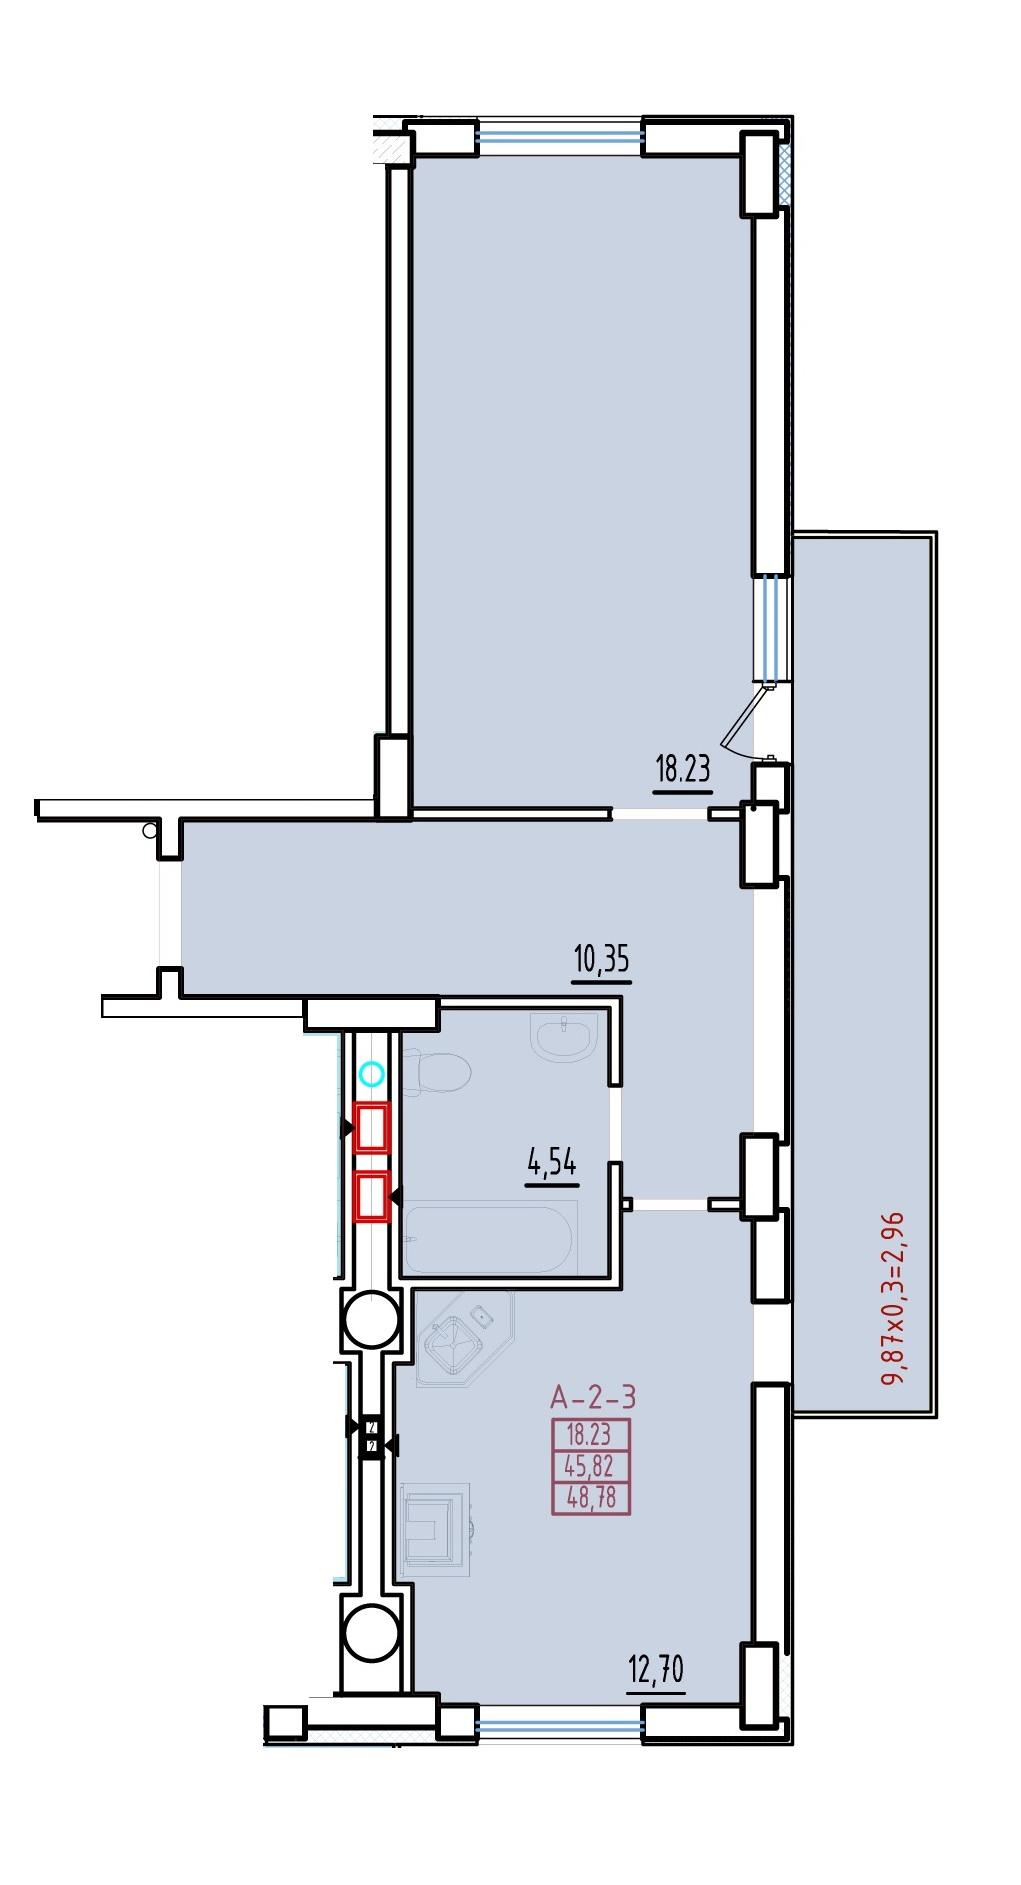 Однокомнатная - ЖК Континент$39600Площадь:49,5m²